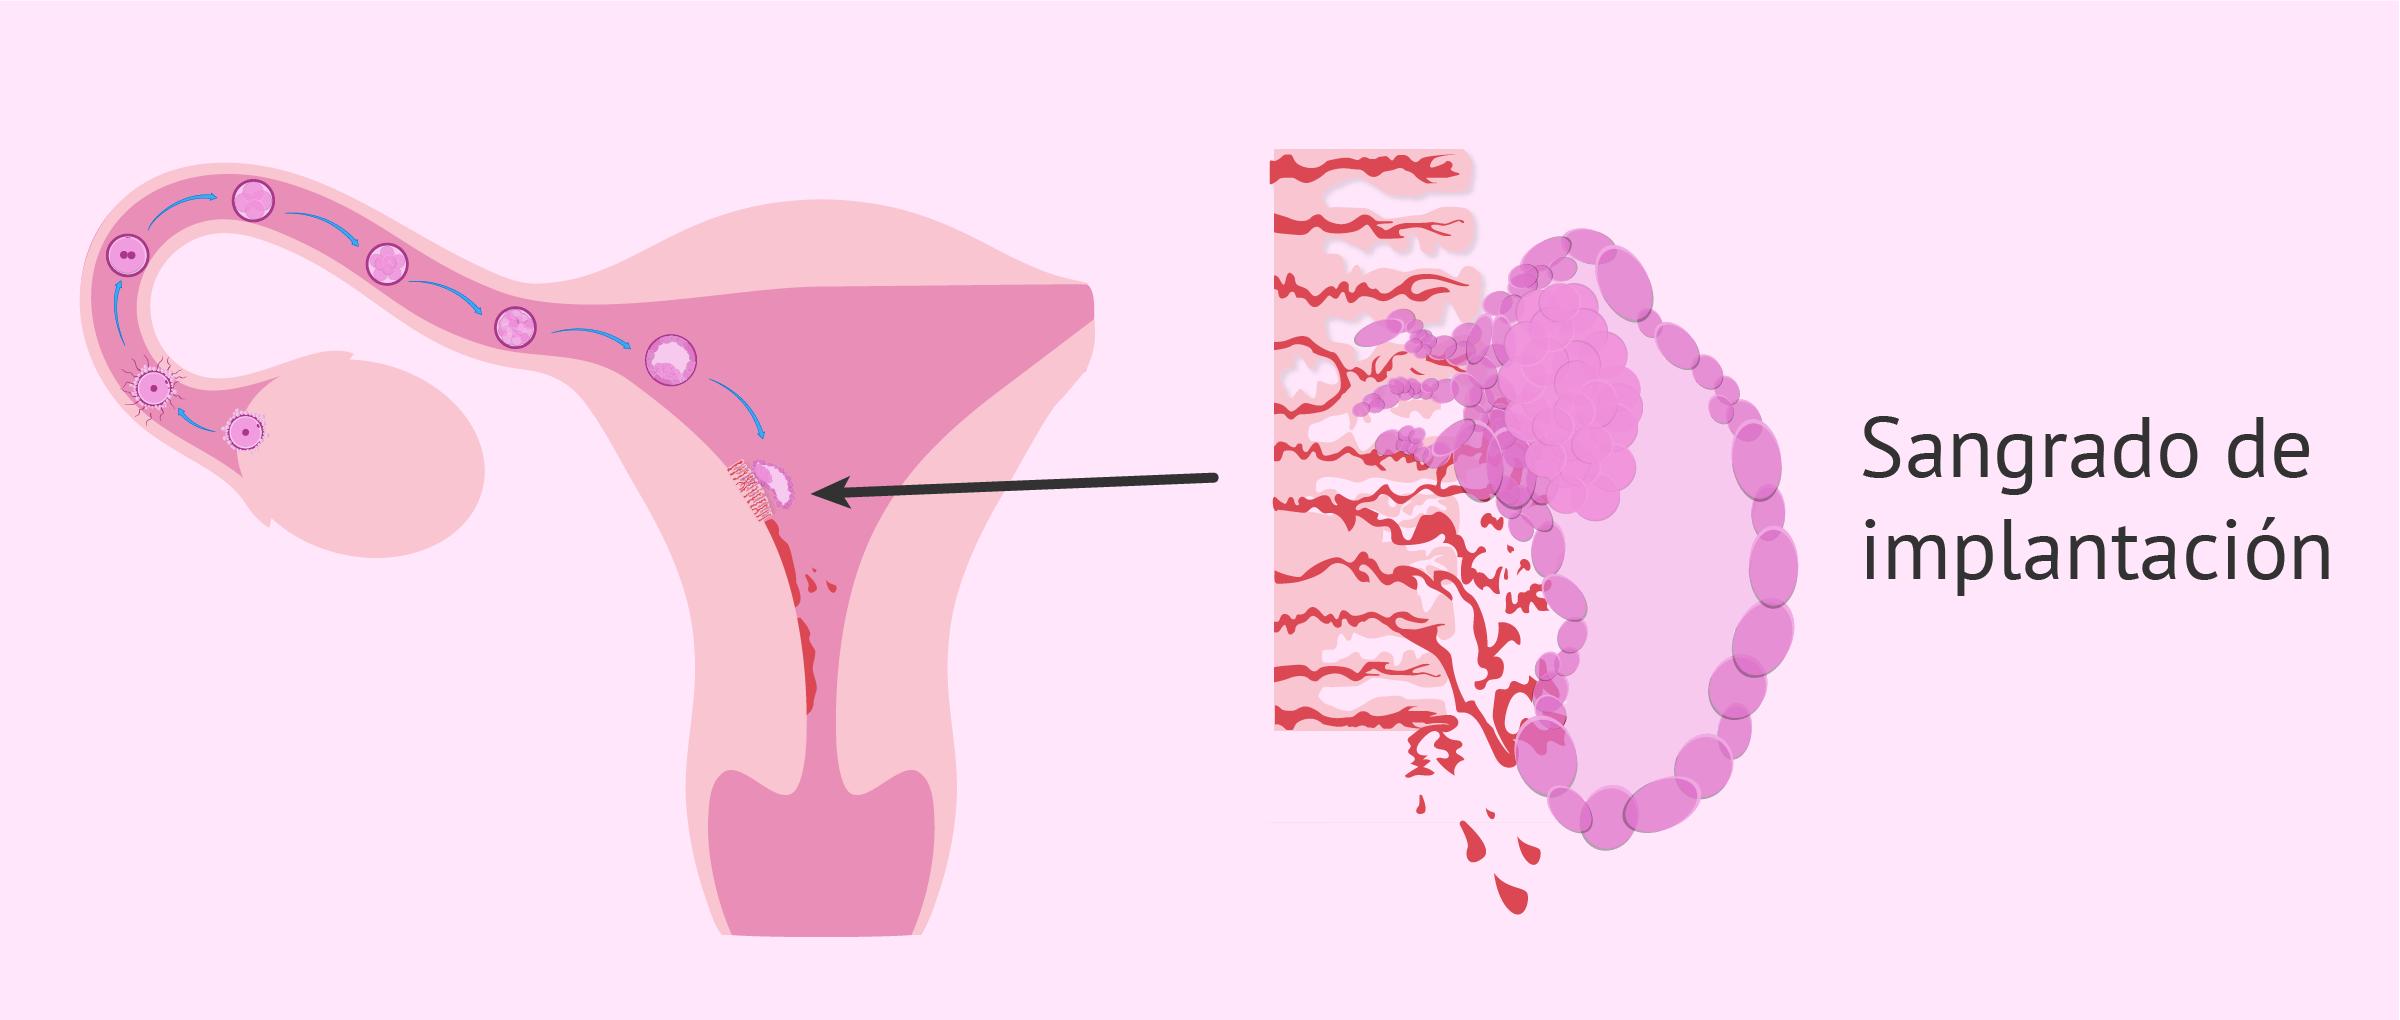 Desarrollo embrionario y sangrado de implantación